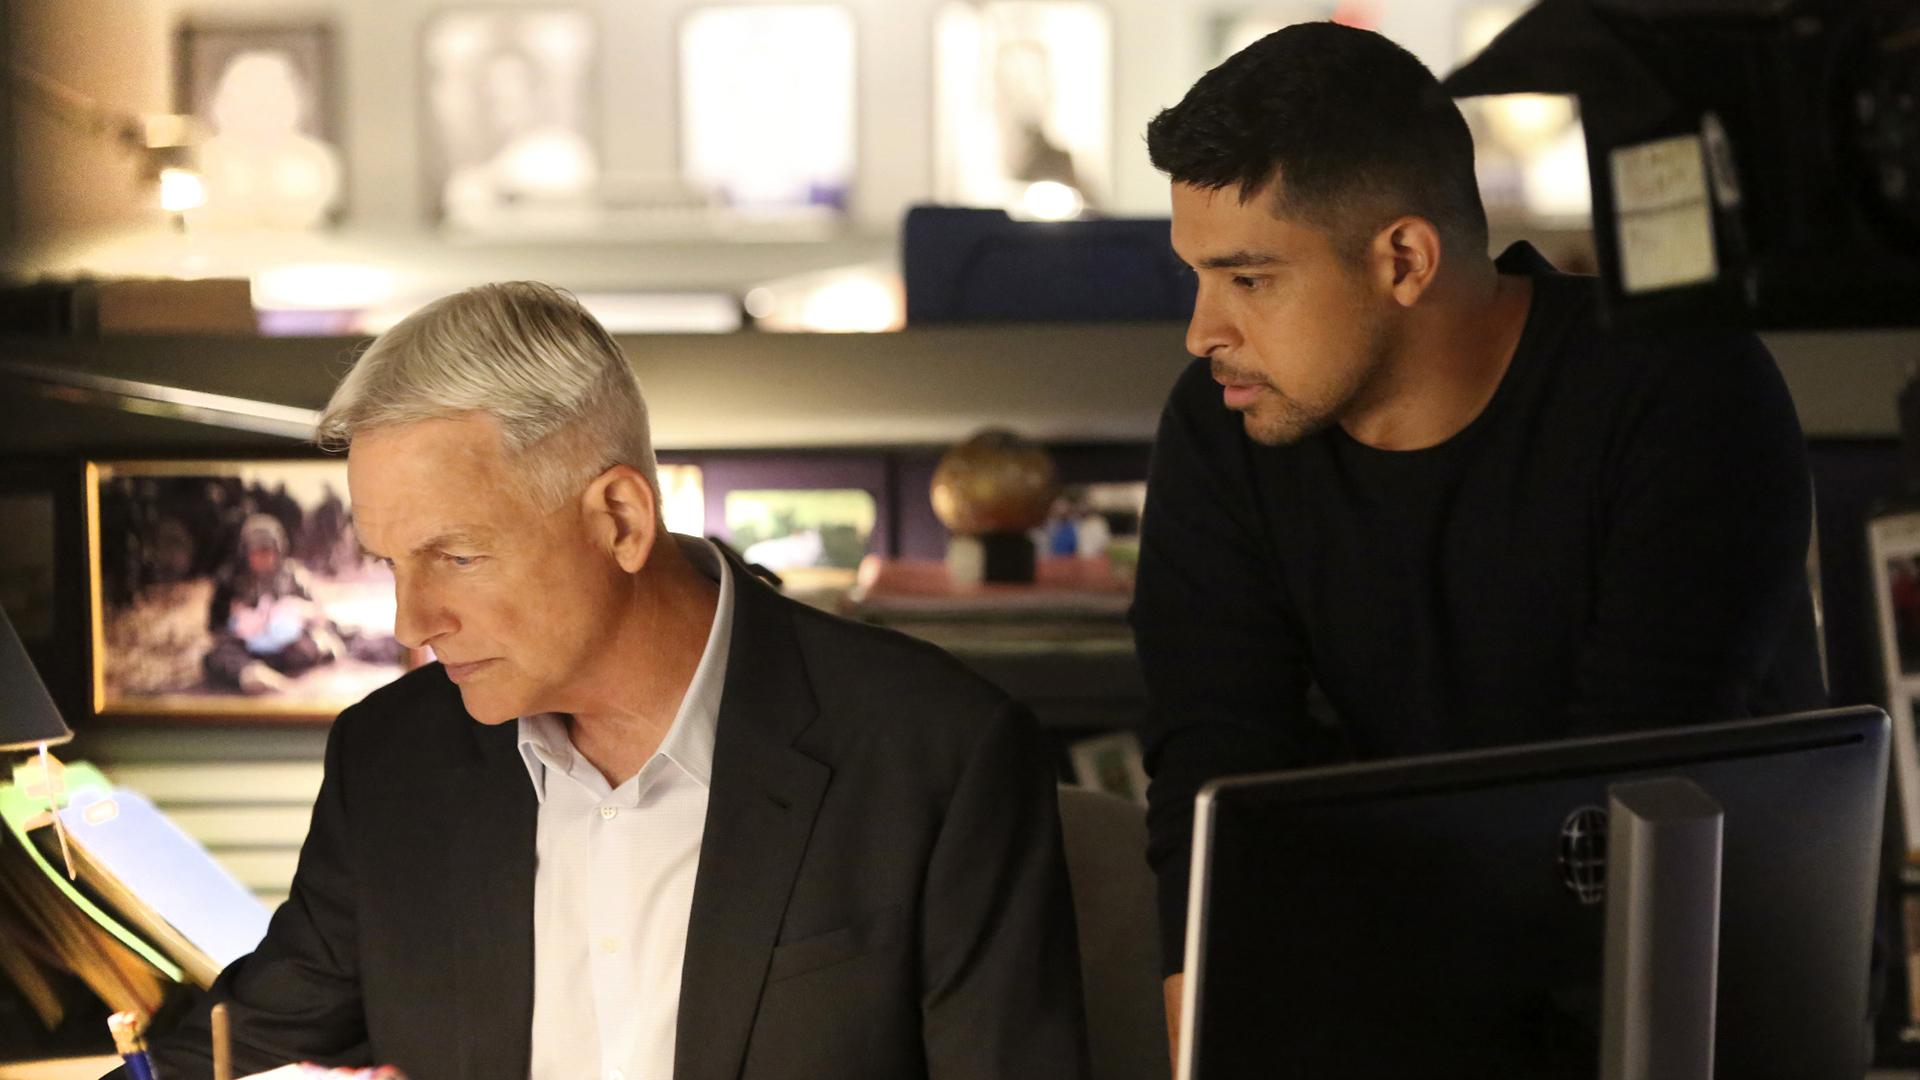 He interrupted Gibbs.